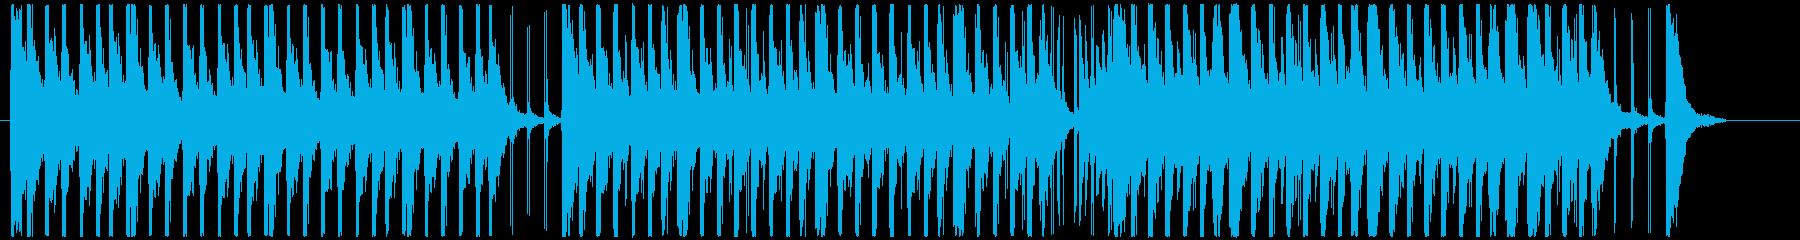 ファンキー、エネルギッシュ!リズムBGMの再生済みの波形